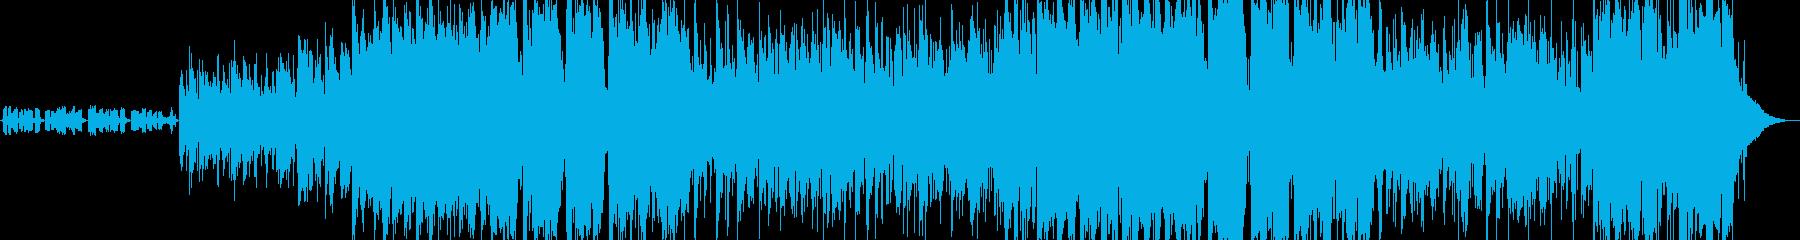 童謡「もみじ」のフュージョンアレンジの再生済みの波形